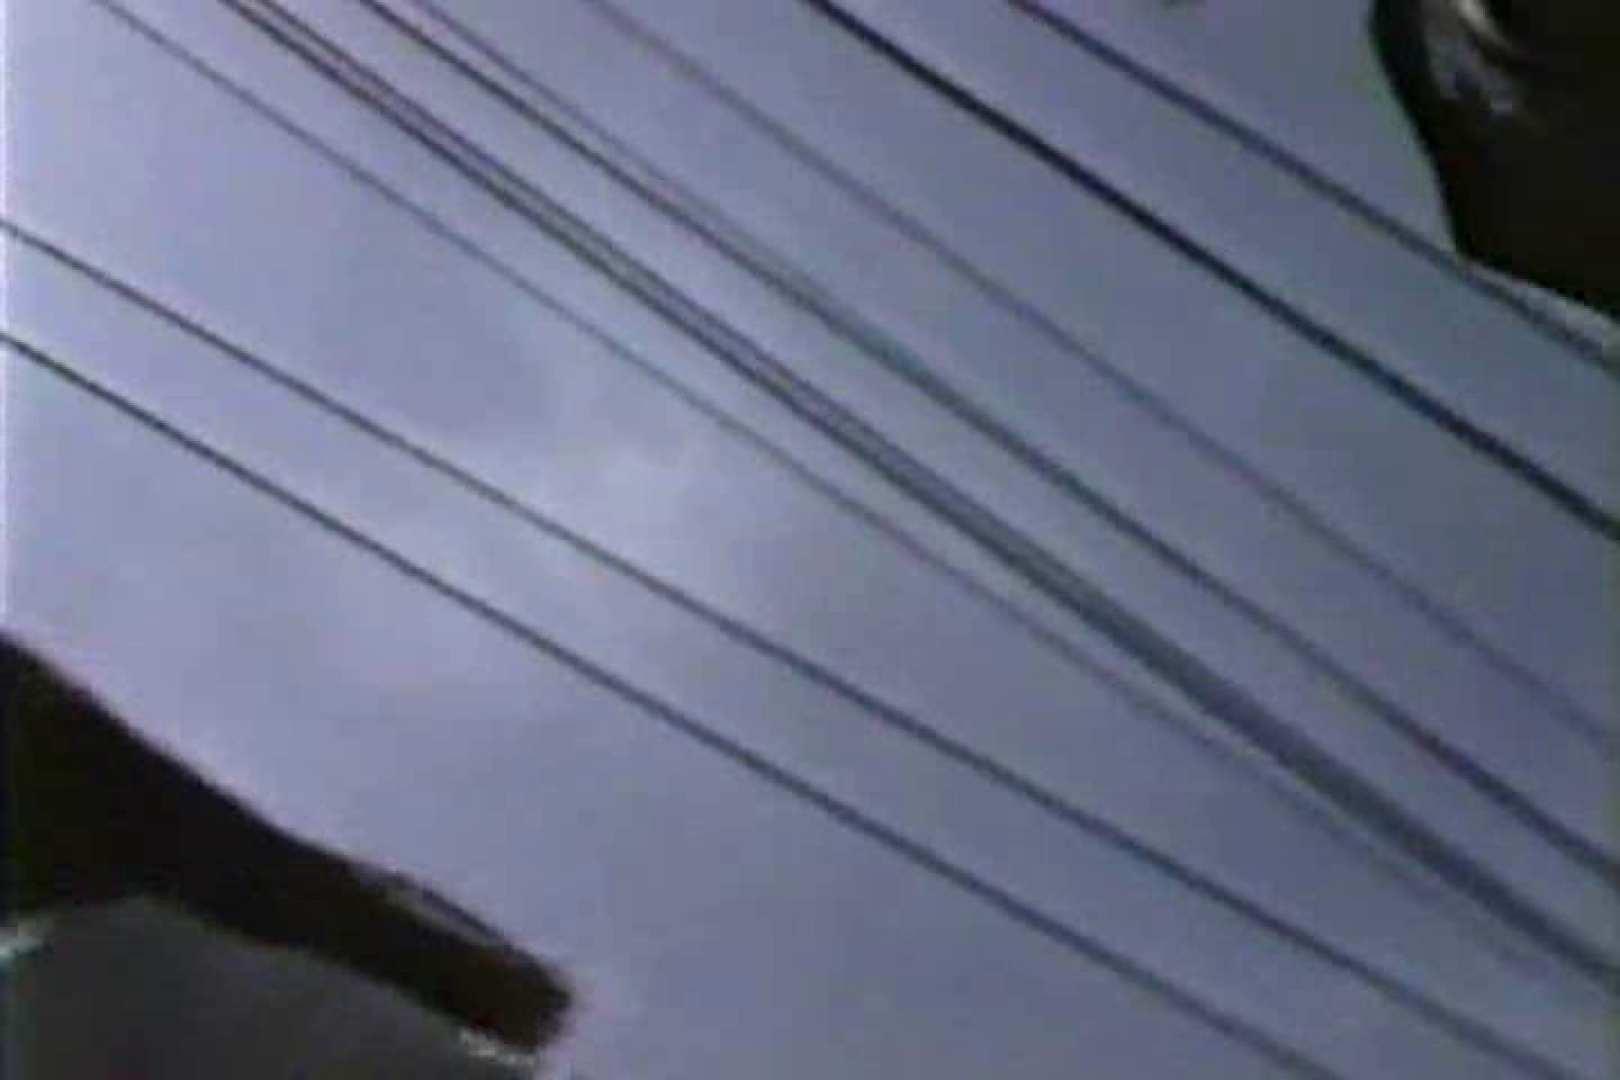 生パン逆さ撮りTK-021 パンチラのぞき エロ画像 80画像 34